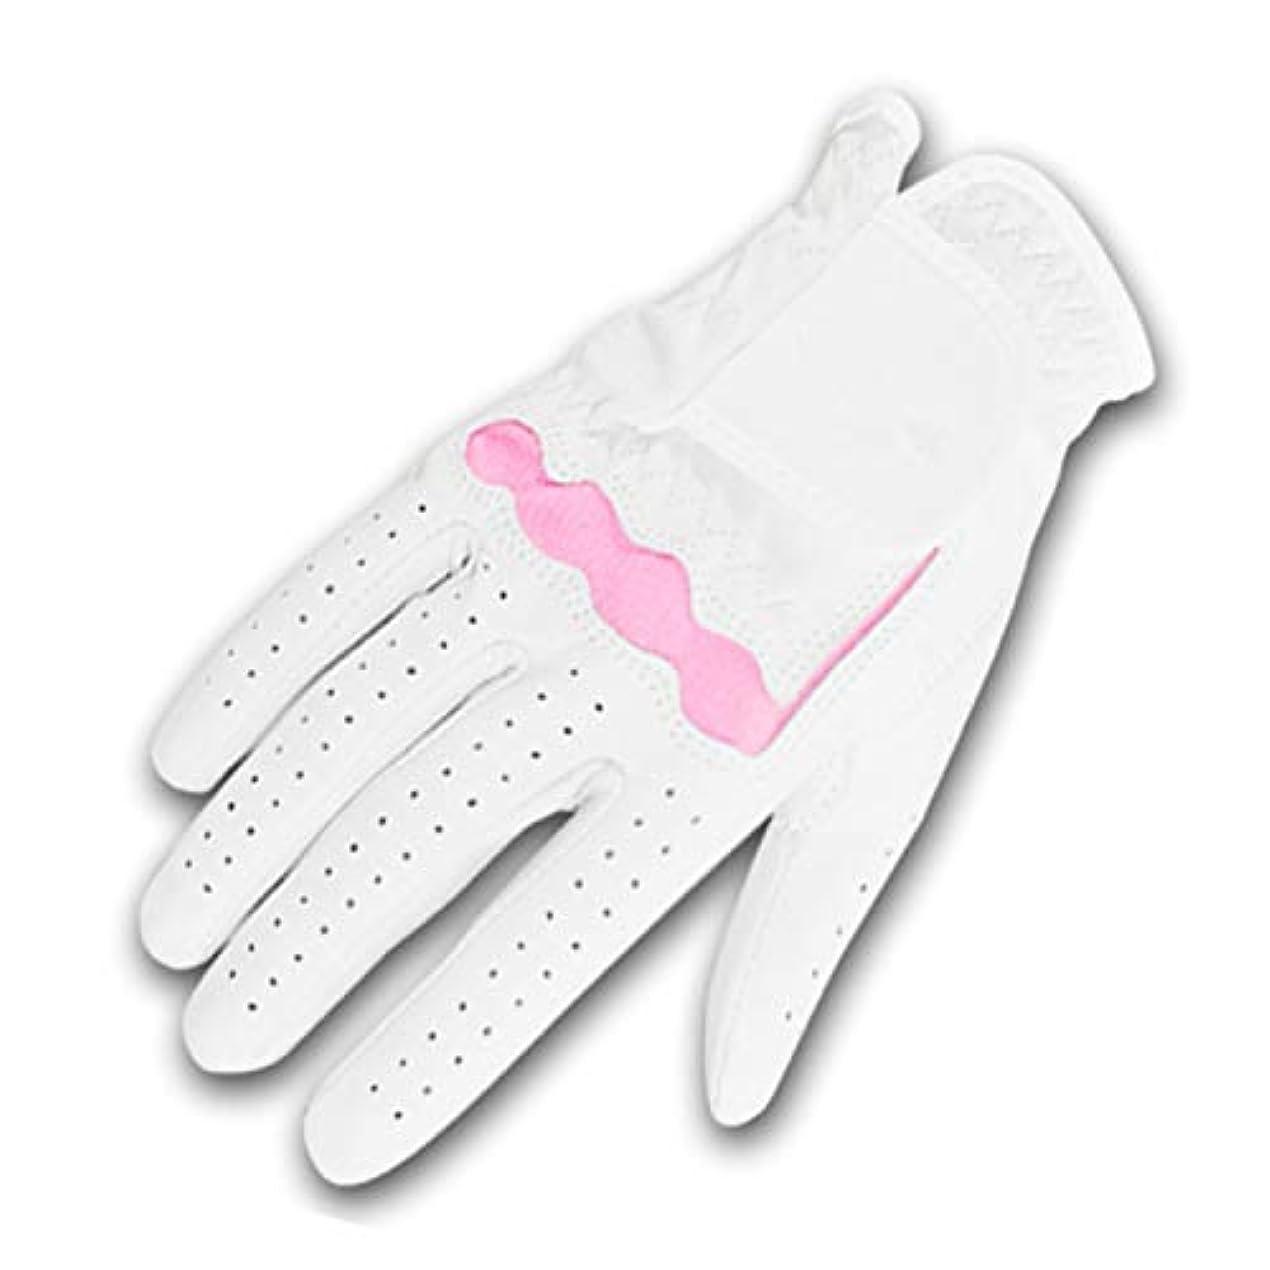 ベルト実行可能絡み合いBAJIMI 手袋 グローブ レディース/メンズ ハンド ケア 女性用ゴルフグローブ滑り止めグローブで手を保護 裏起毛 おしゃれ 手触りが良い 運転 耐磨耗性 換気性